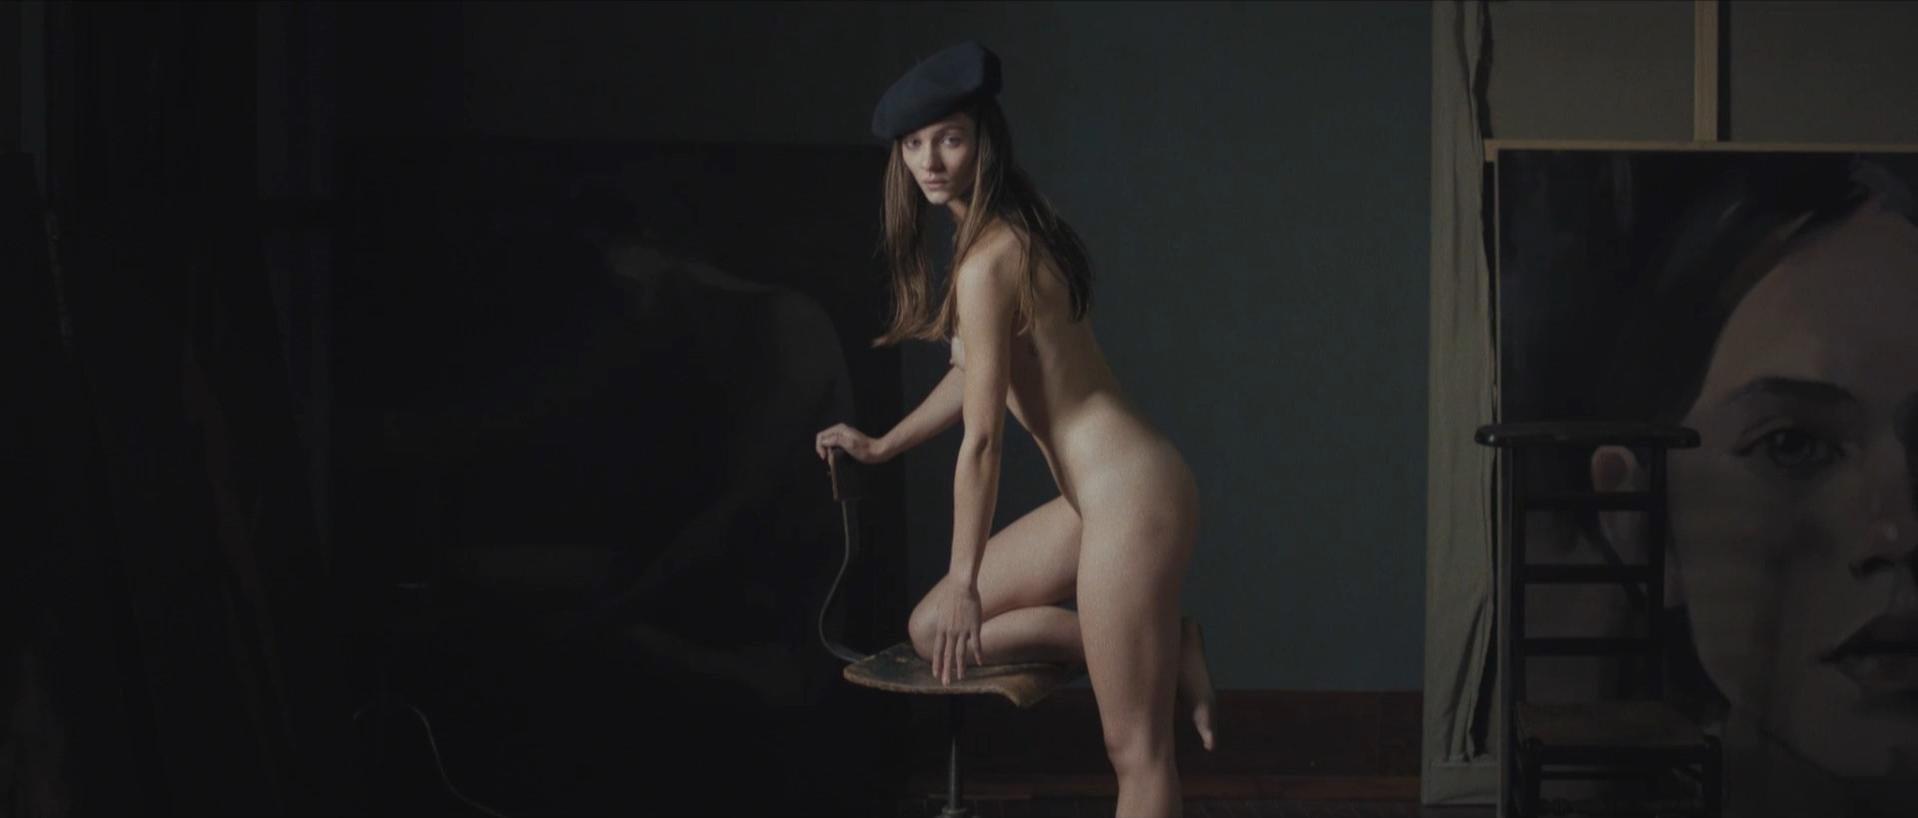 Porno si̇nema